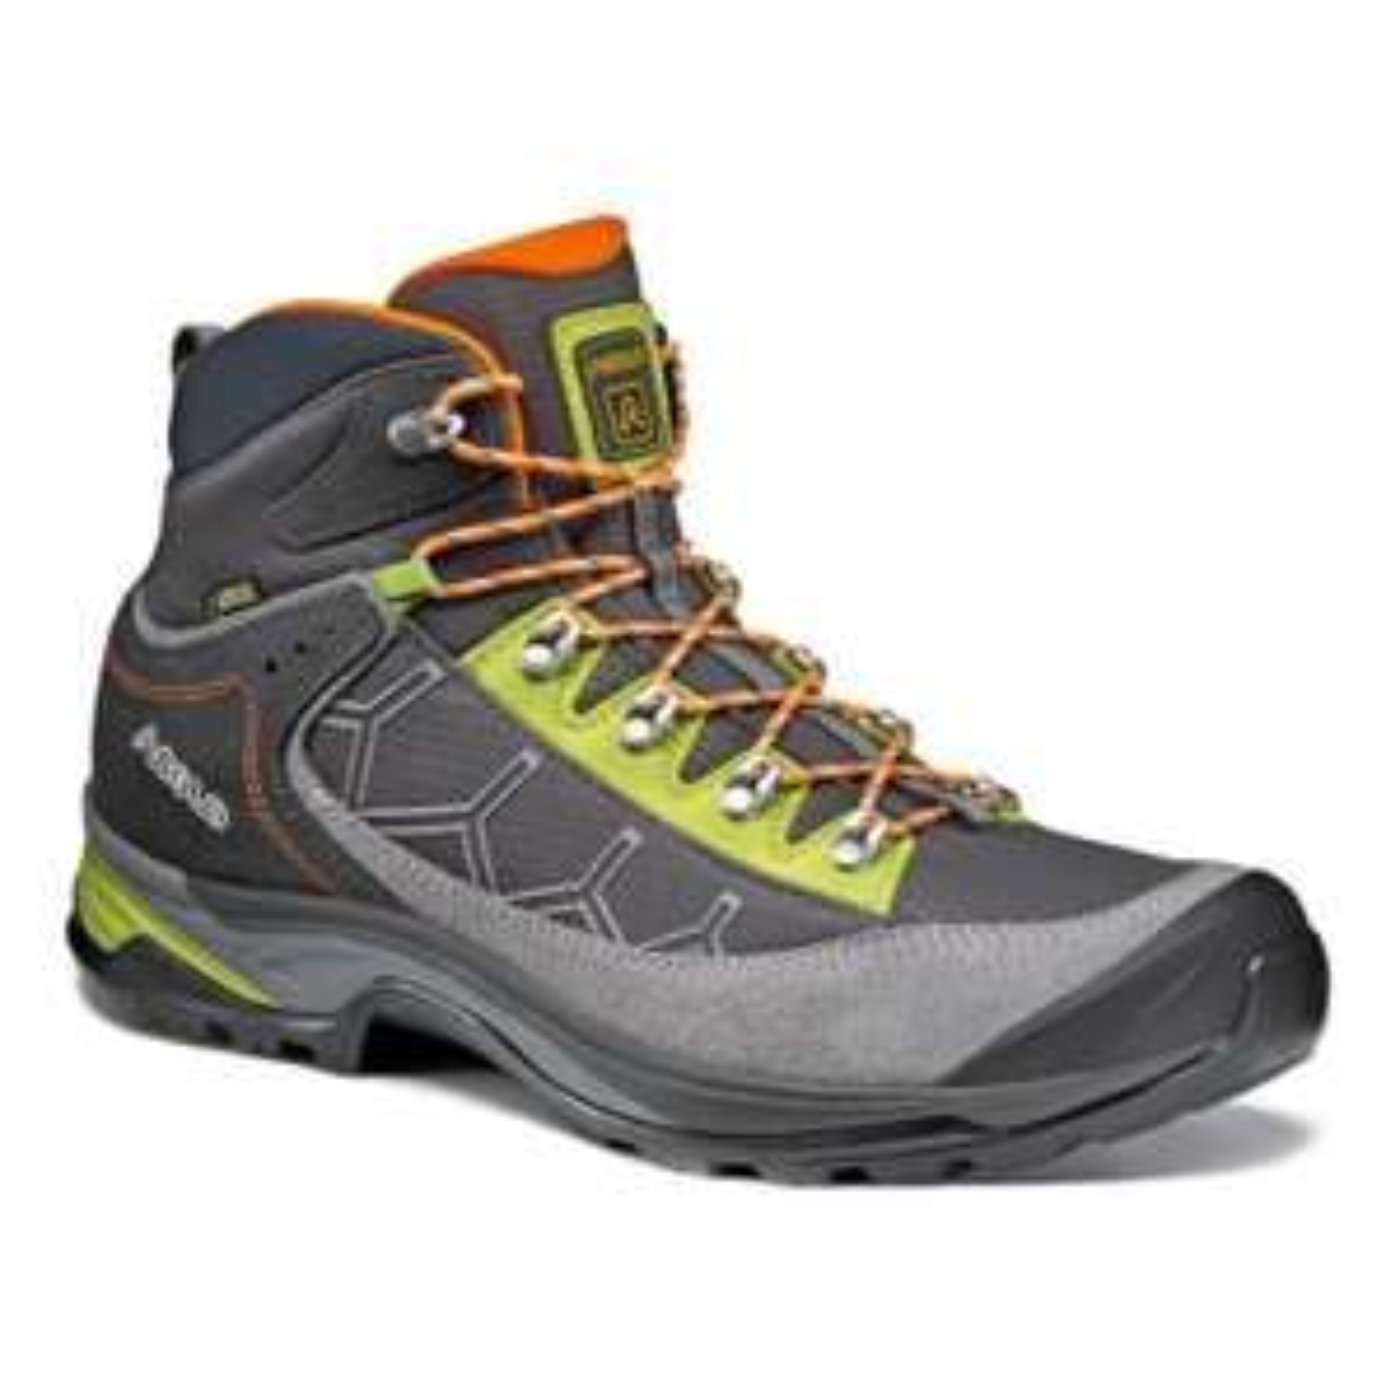 Chaussures Asolo Falcon GV (asolo.com)